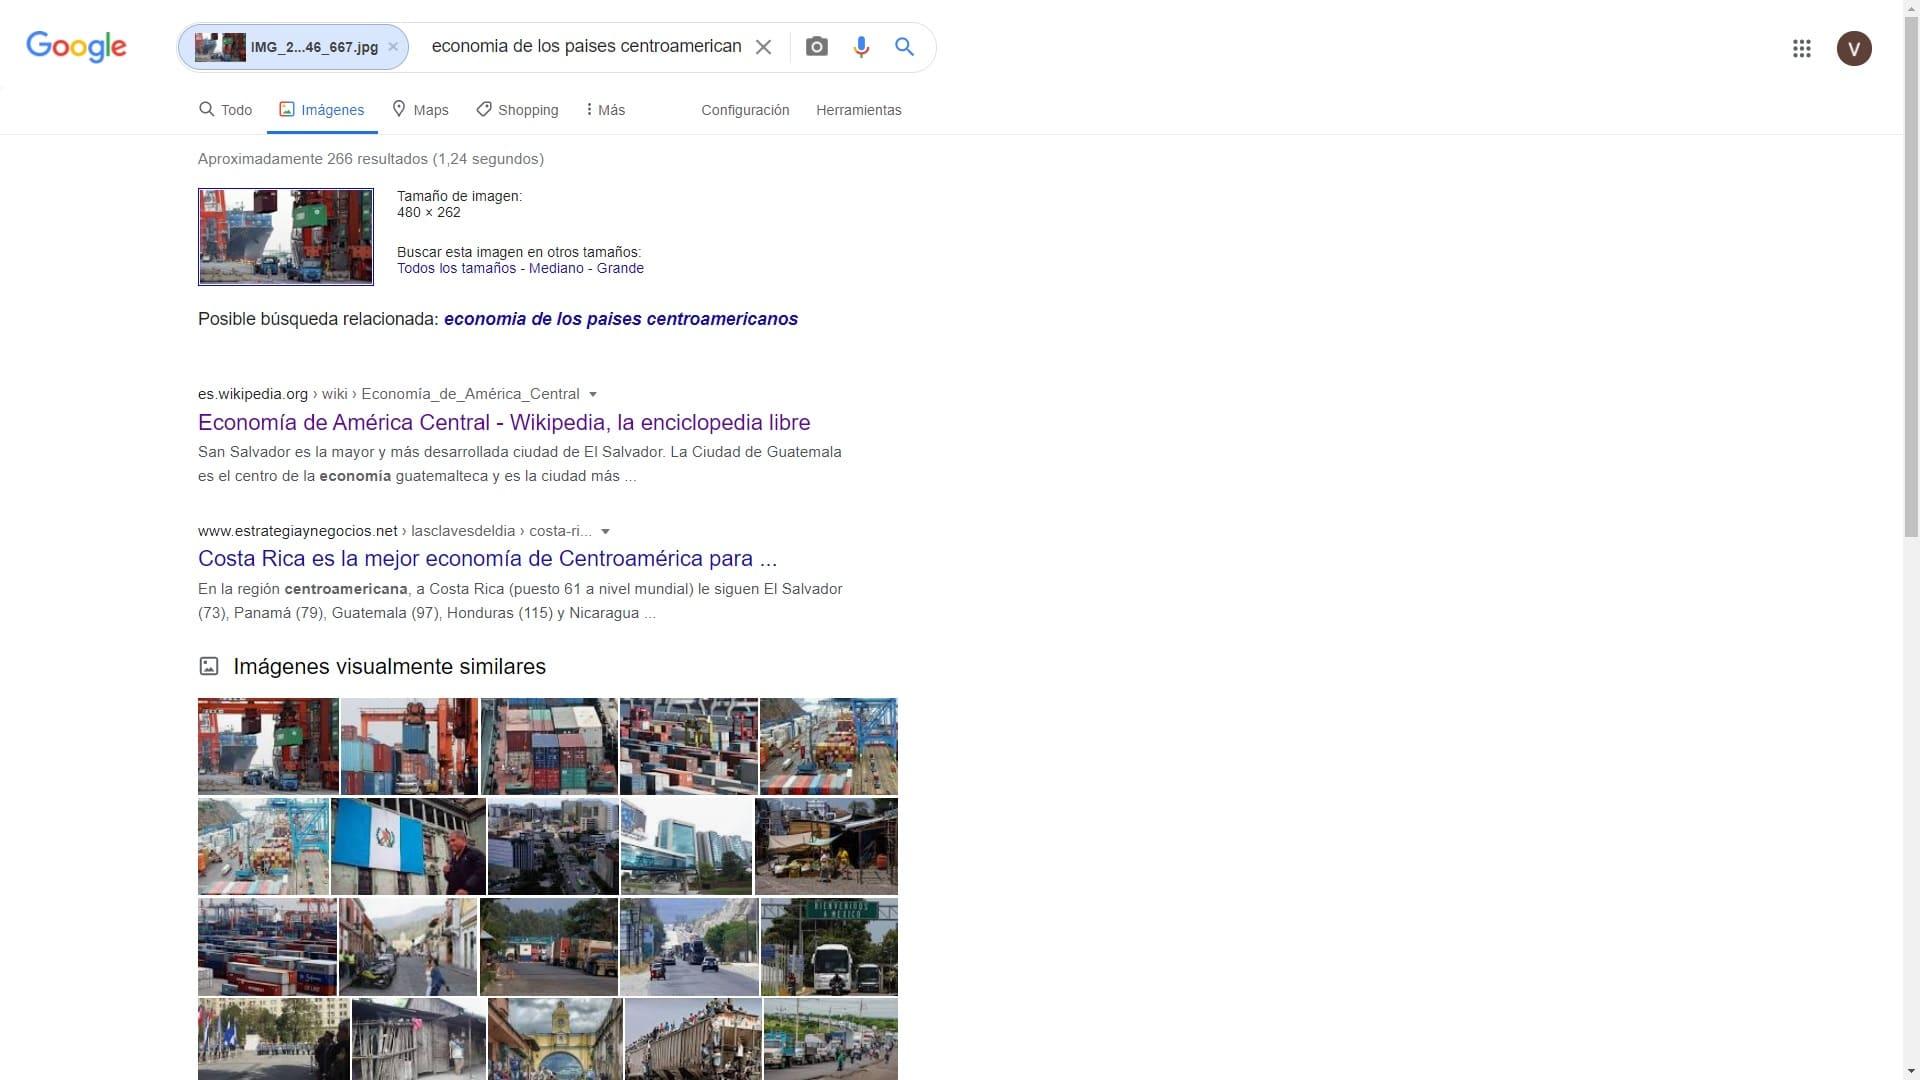 imagen de contenedores buscador imagenes google